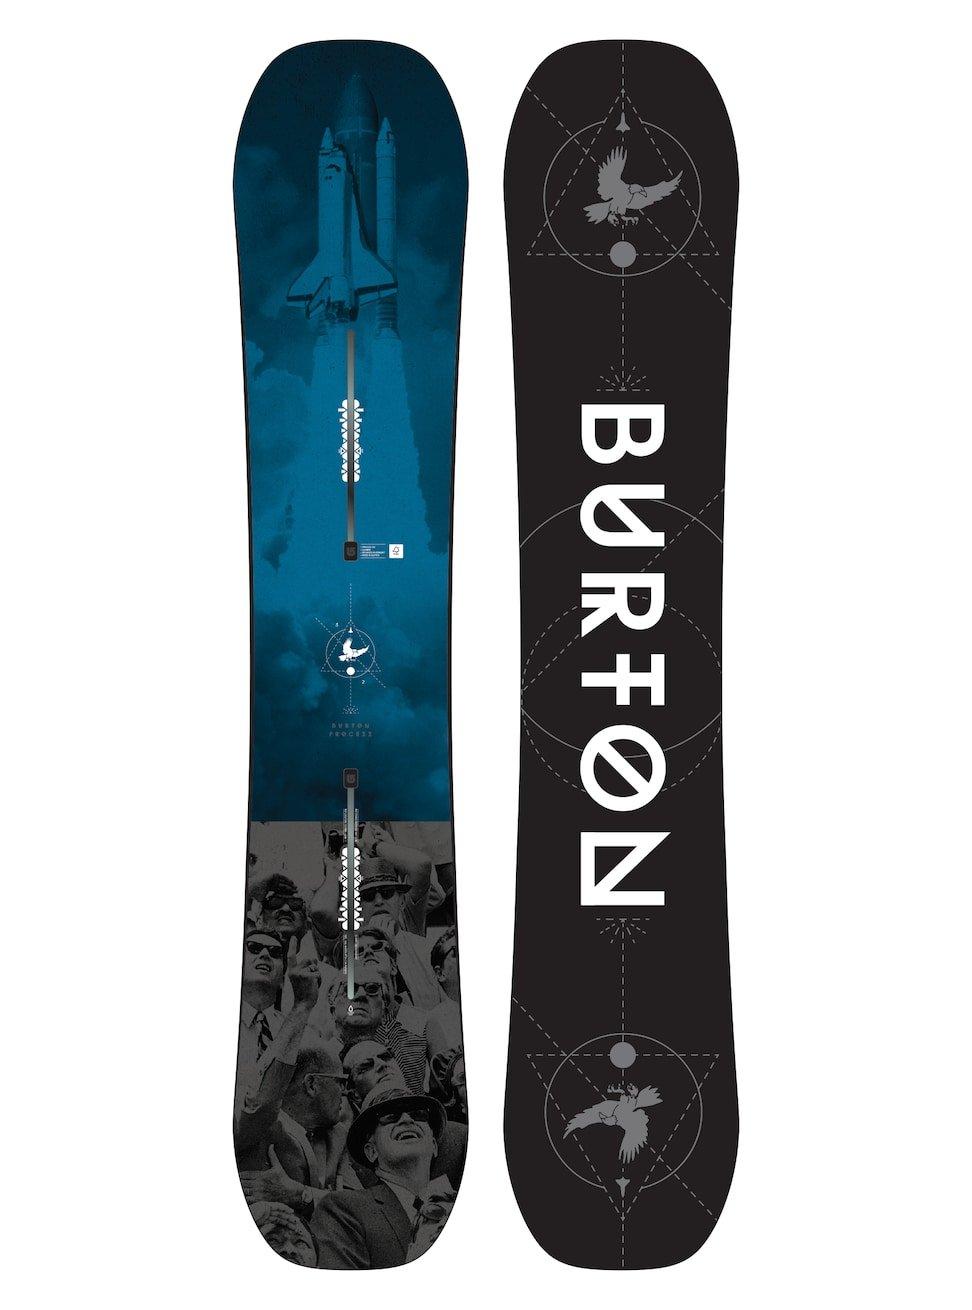 Burton(バートン) スノーボード 板 メンズ PROCESS 152~162 2017-18モデル 106921 スノボ キャンバー B072P2HPYT 155